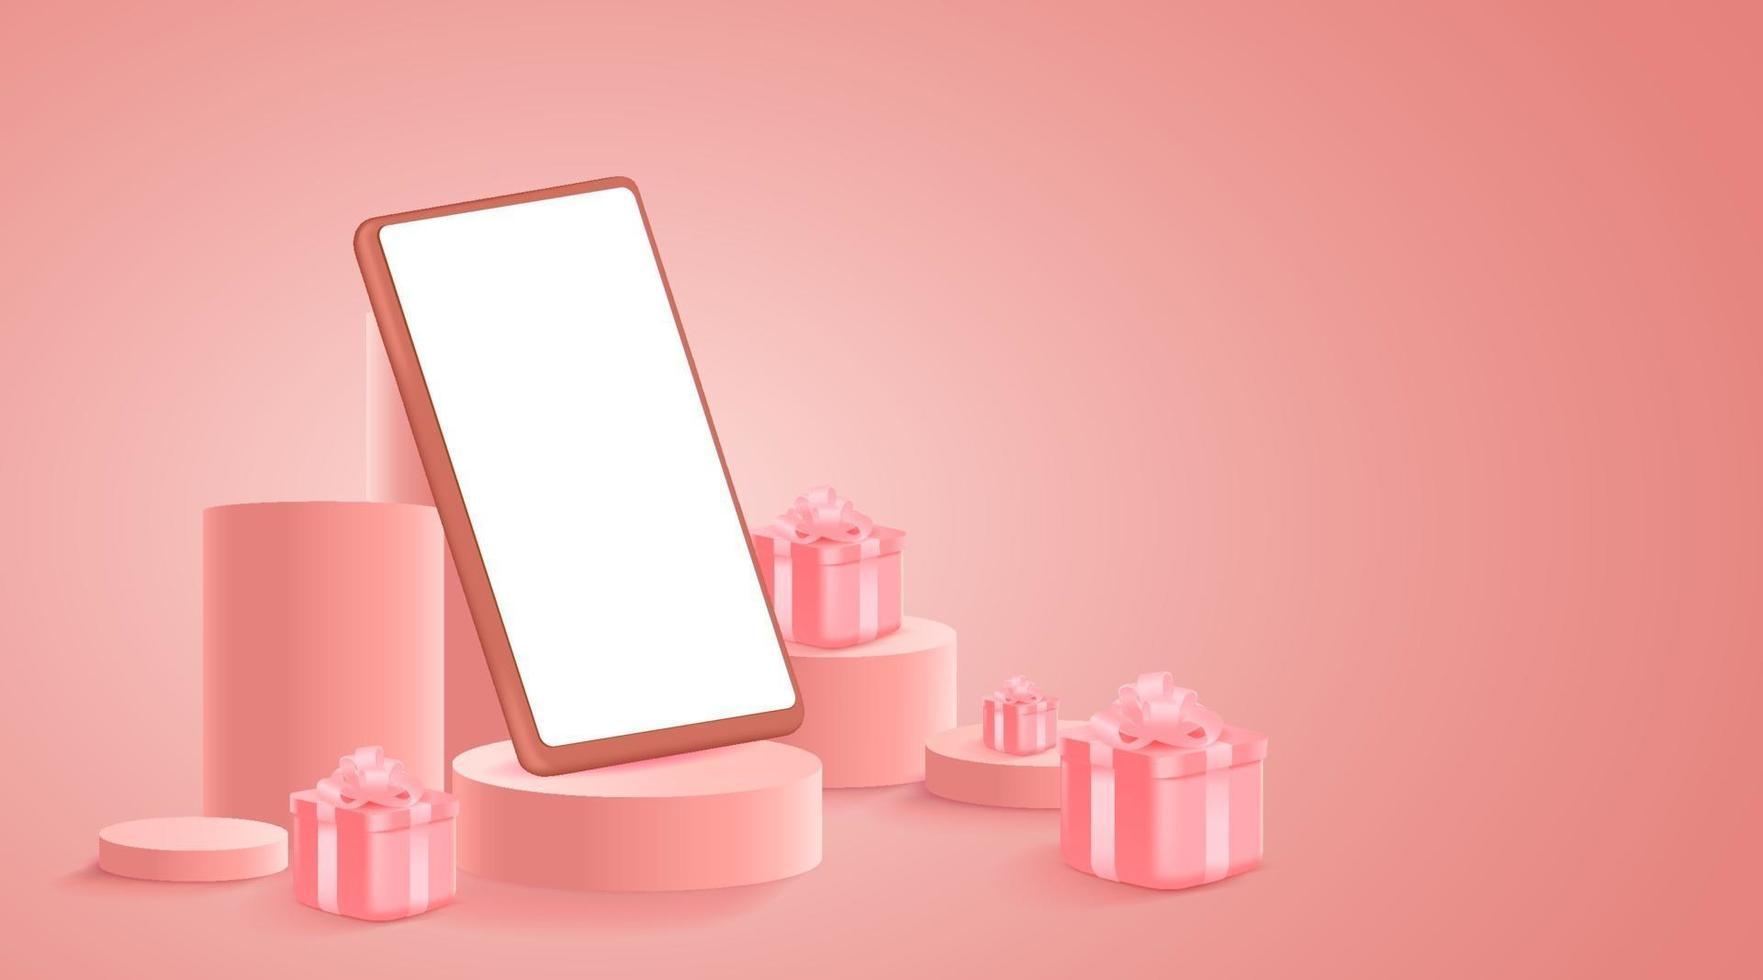 minimalistisk mockup. smartphone på scen eller podium för produktpresentation eller uppvisning på rosa bakgrund. vektor illustration.